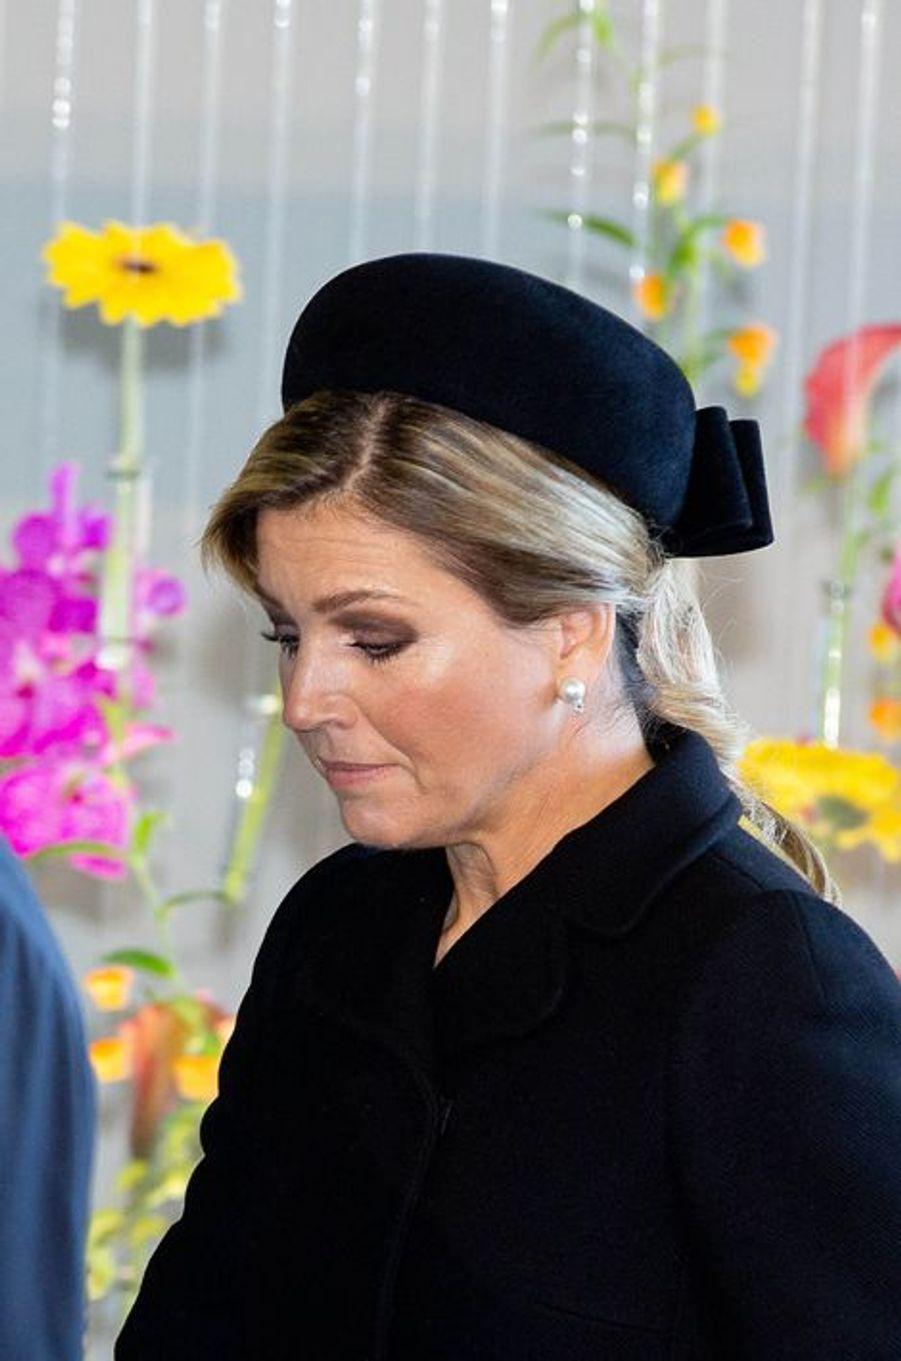 La reine Maxima des Pays-Bas à la commémoration de la catastrophe du vol MH17 à Amsterdam, le 10 novembre 2014